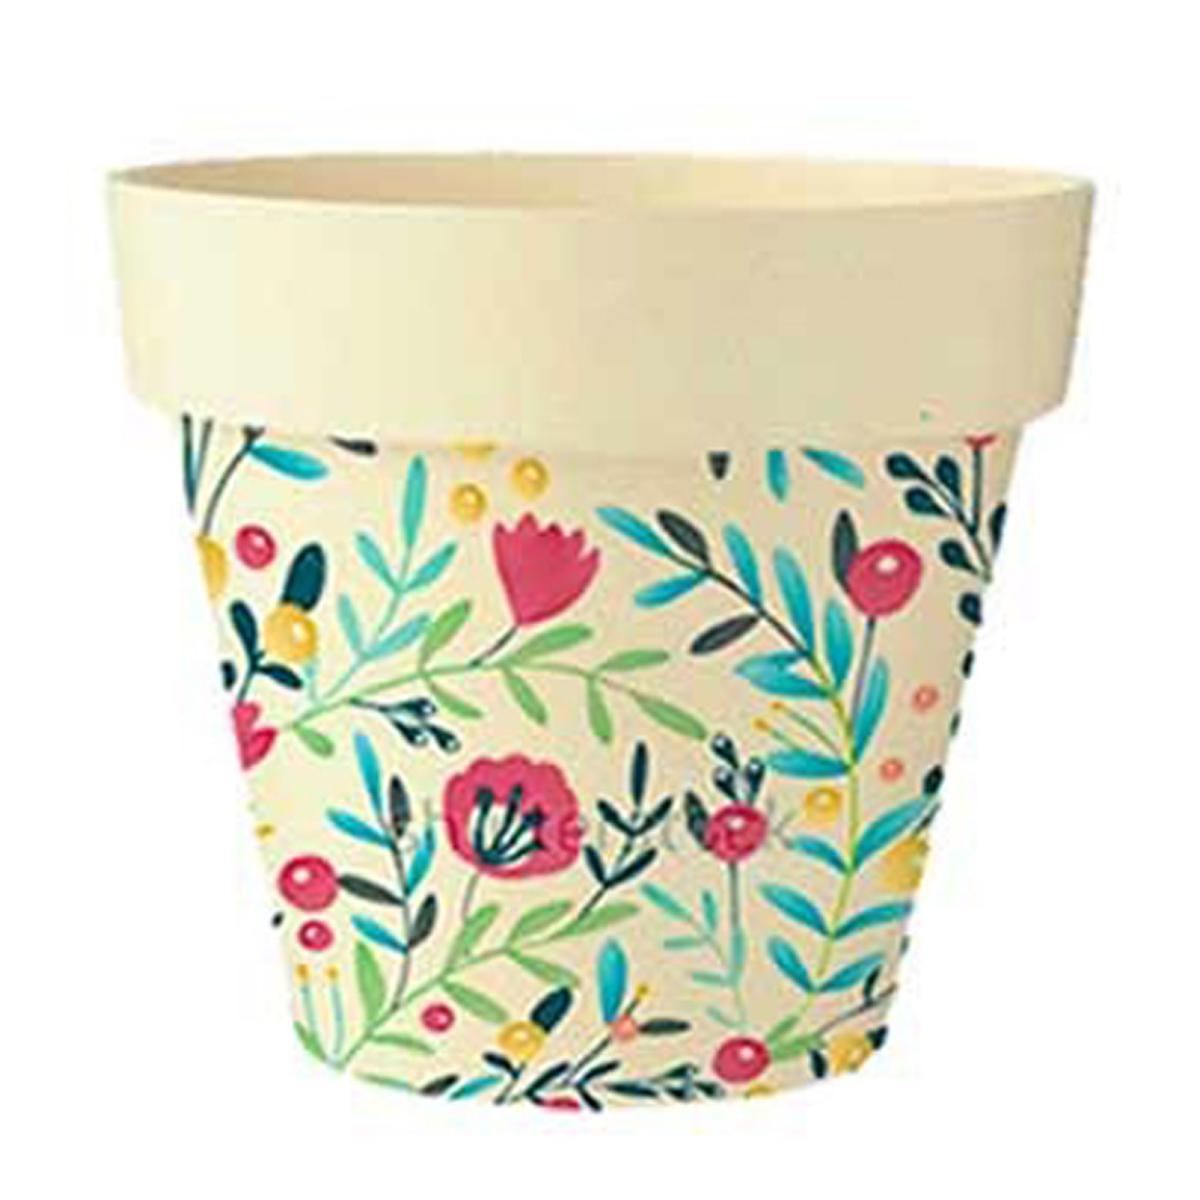 Cache-pot bambou \'Floral\' beige multicolore -  105x95 cm - [Q6426]